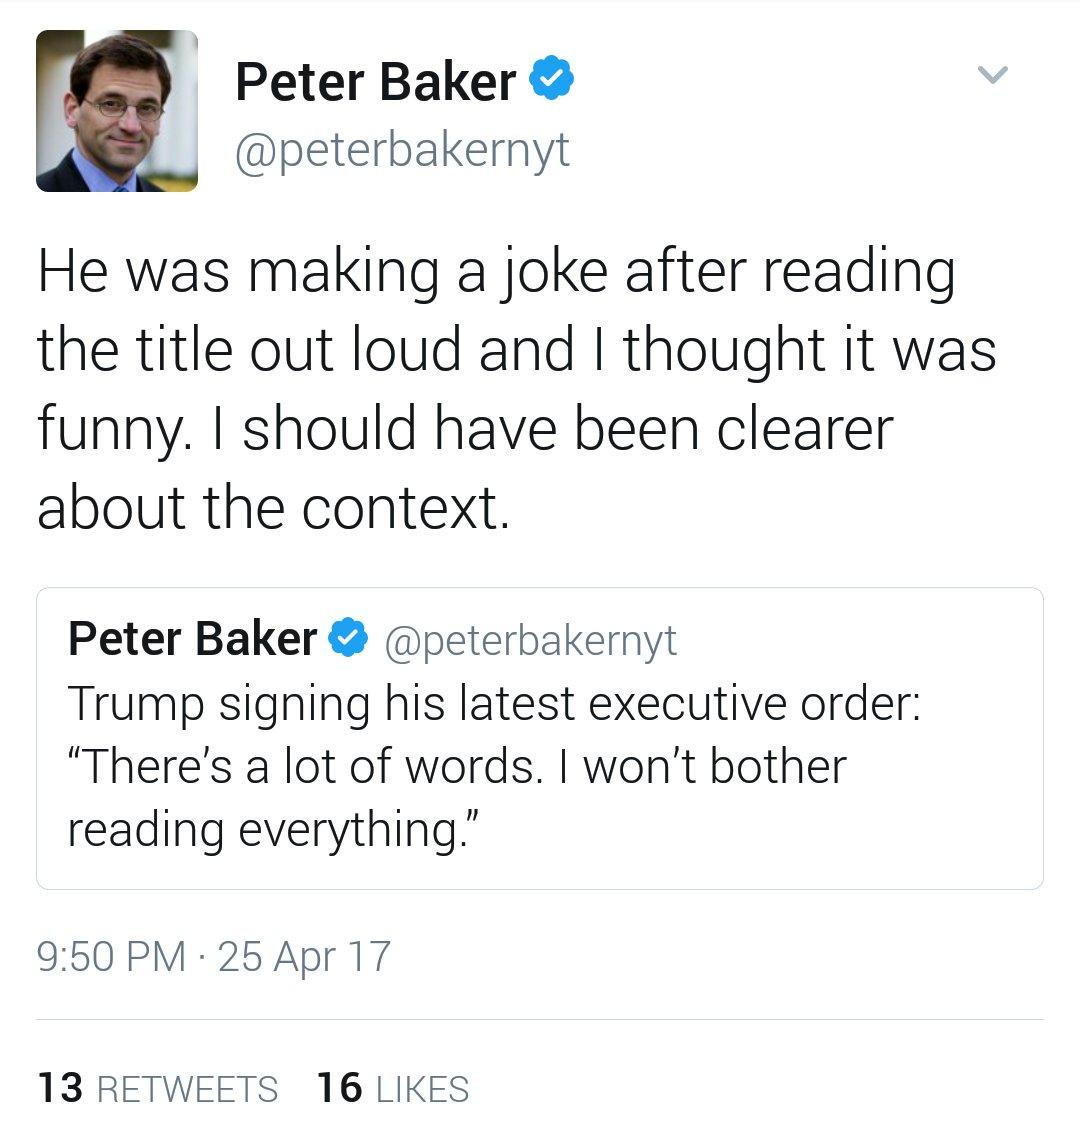 April 25 : It was a joke!